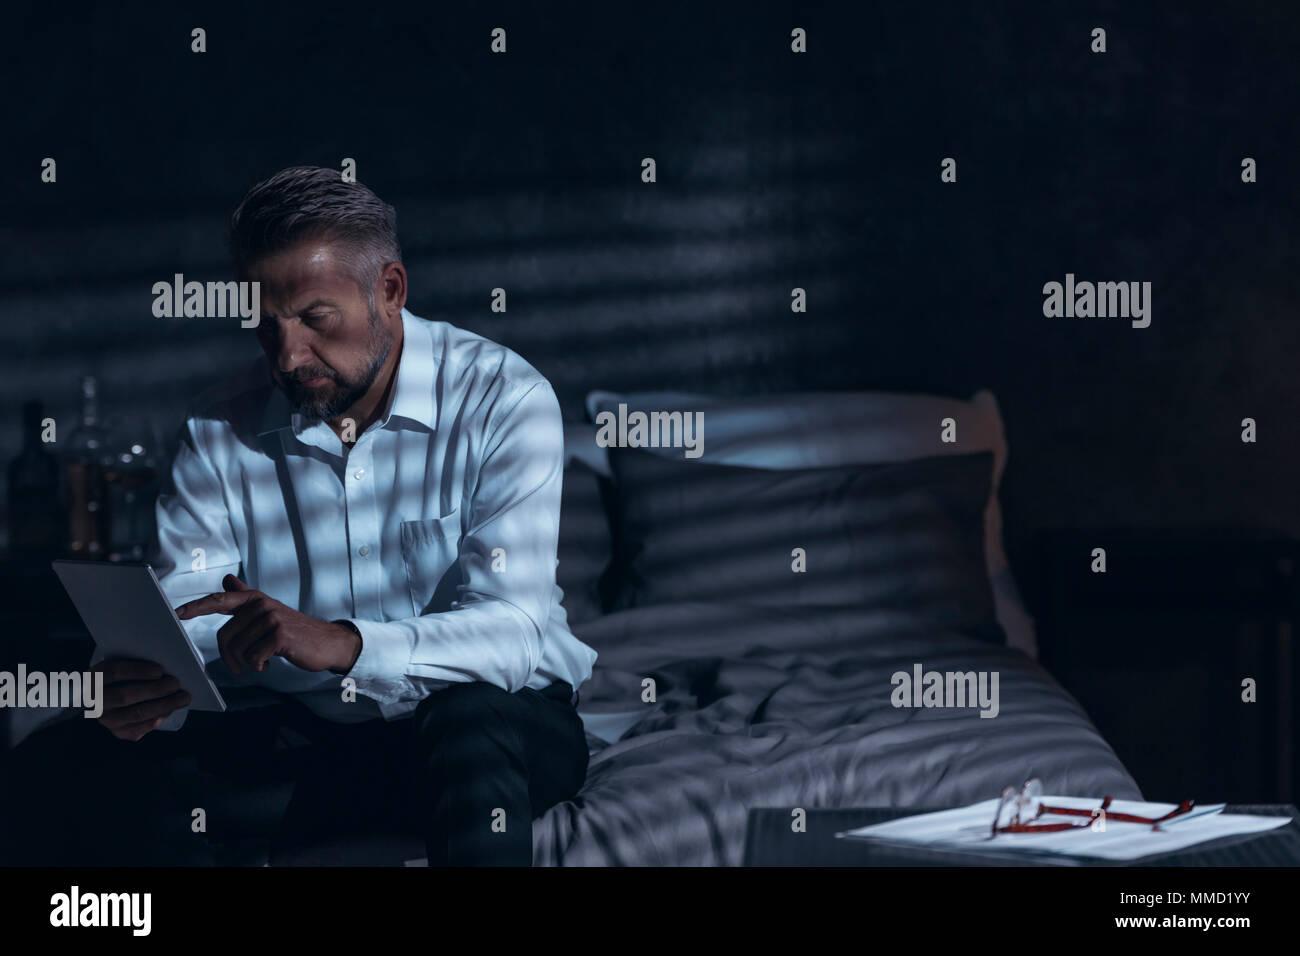 Erschöpft im mittleren Alter Mann sitzt auf einem Bett in einem Hotel Zimmer nachts und in einen Editor suchen während seiner Corporate Business Reise Stockbild